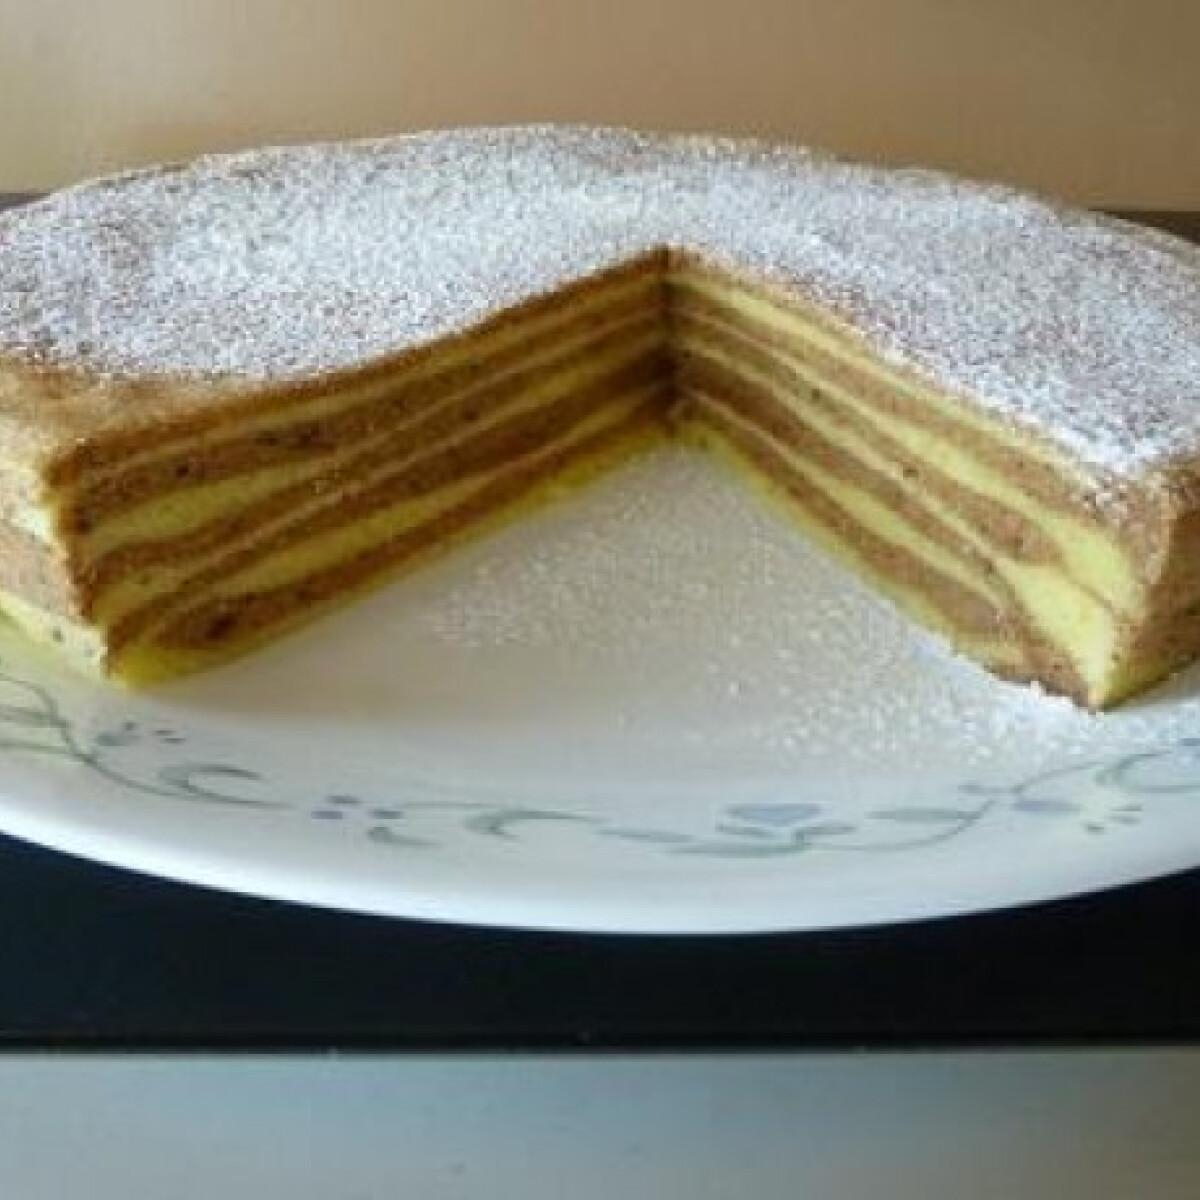 Ezen a képen: Grillezett torta